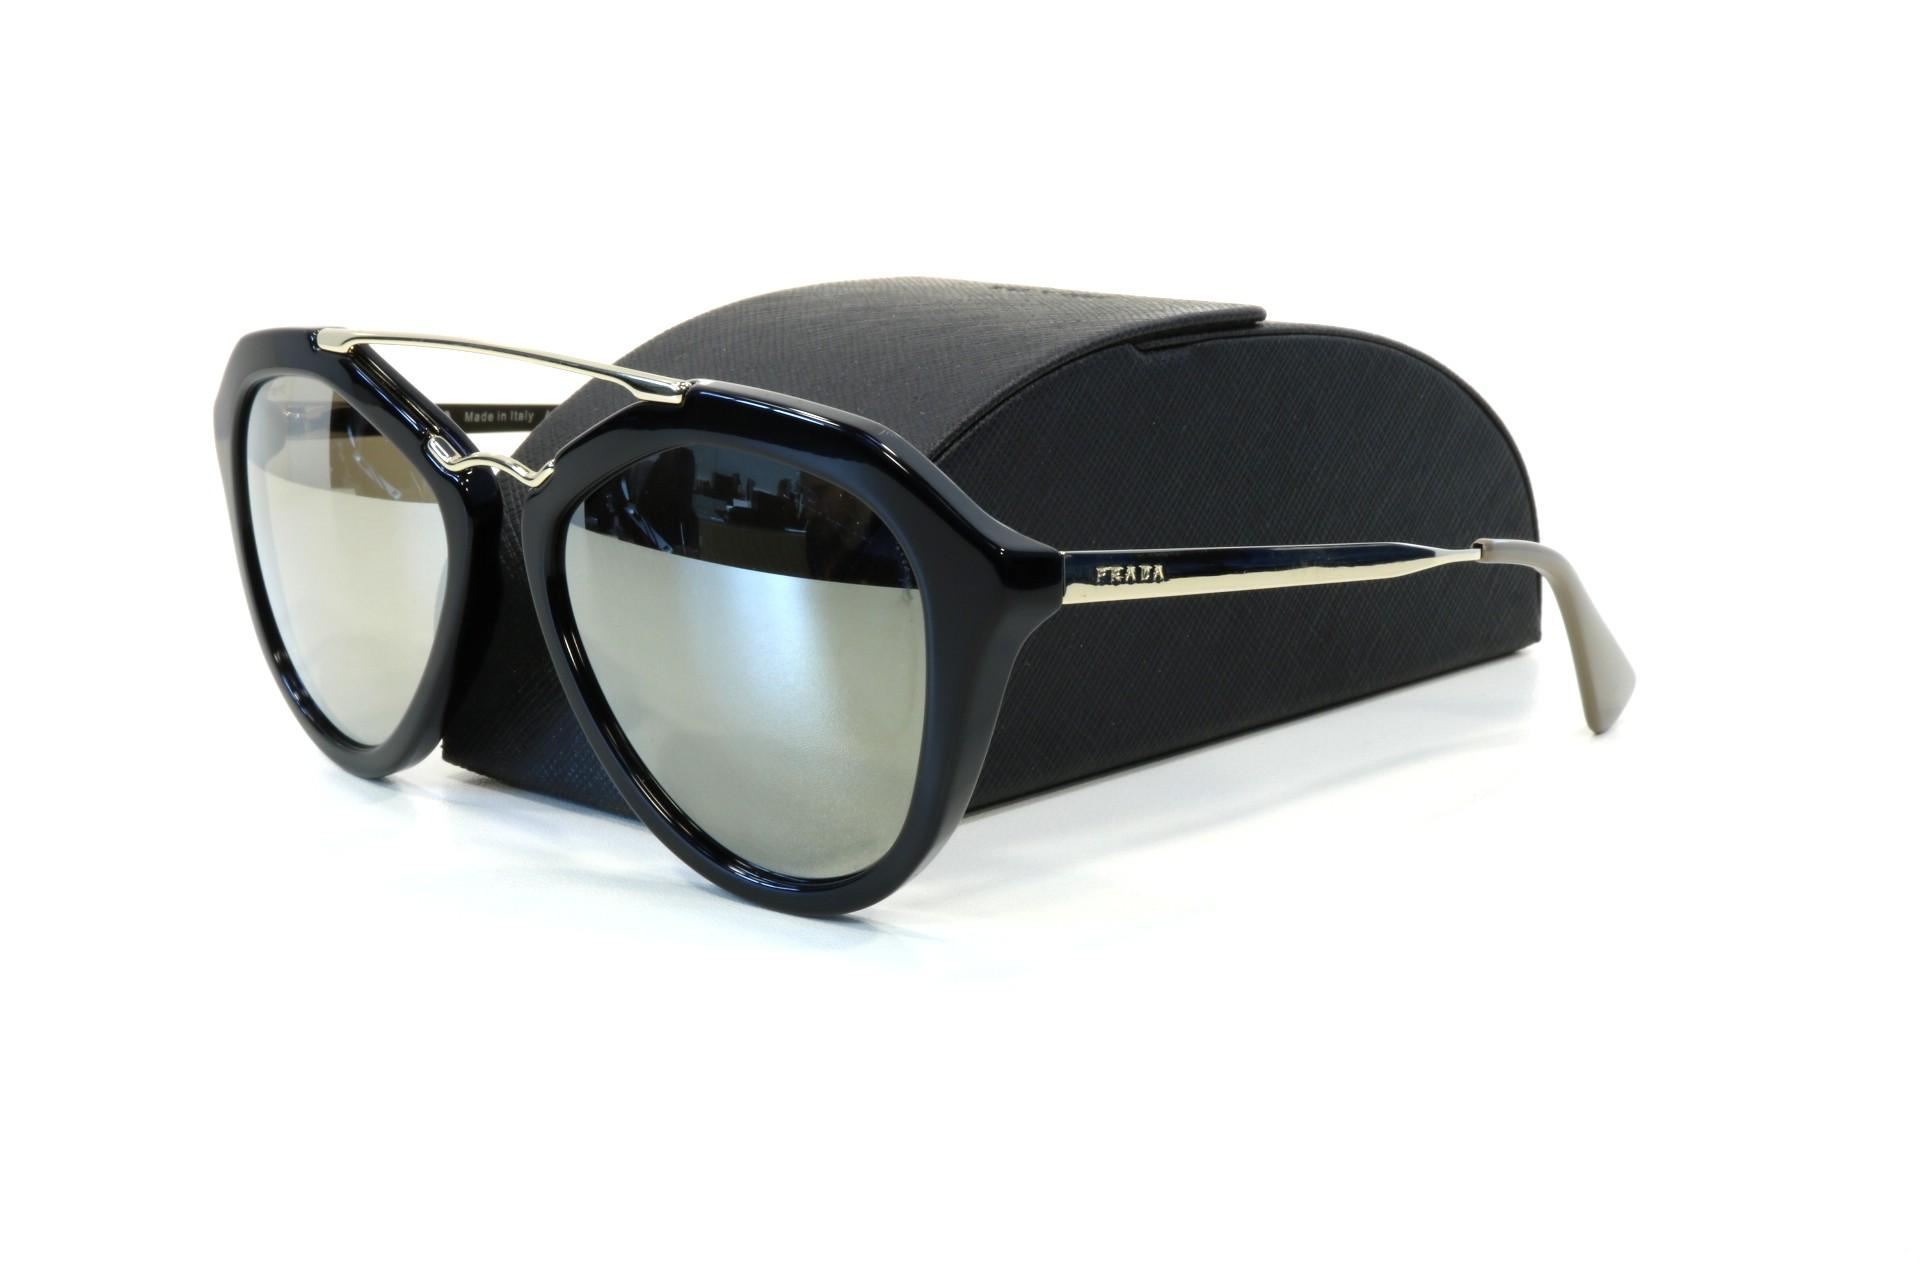 Солнцезащитные очки Prada SPR12QS 1AB1 C0 54 - купить по низкой цене в  интернет-магазине Линзмастер. c2dc4c7278b